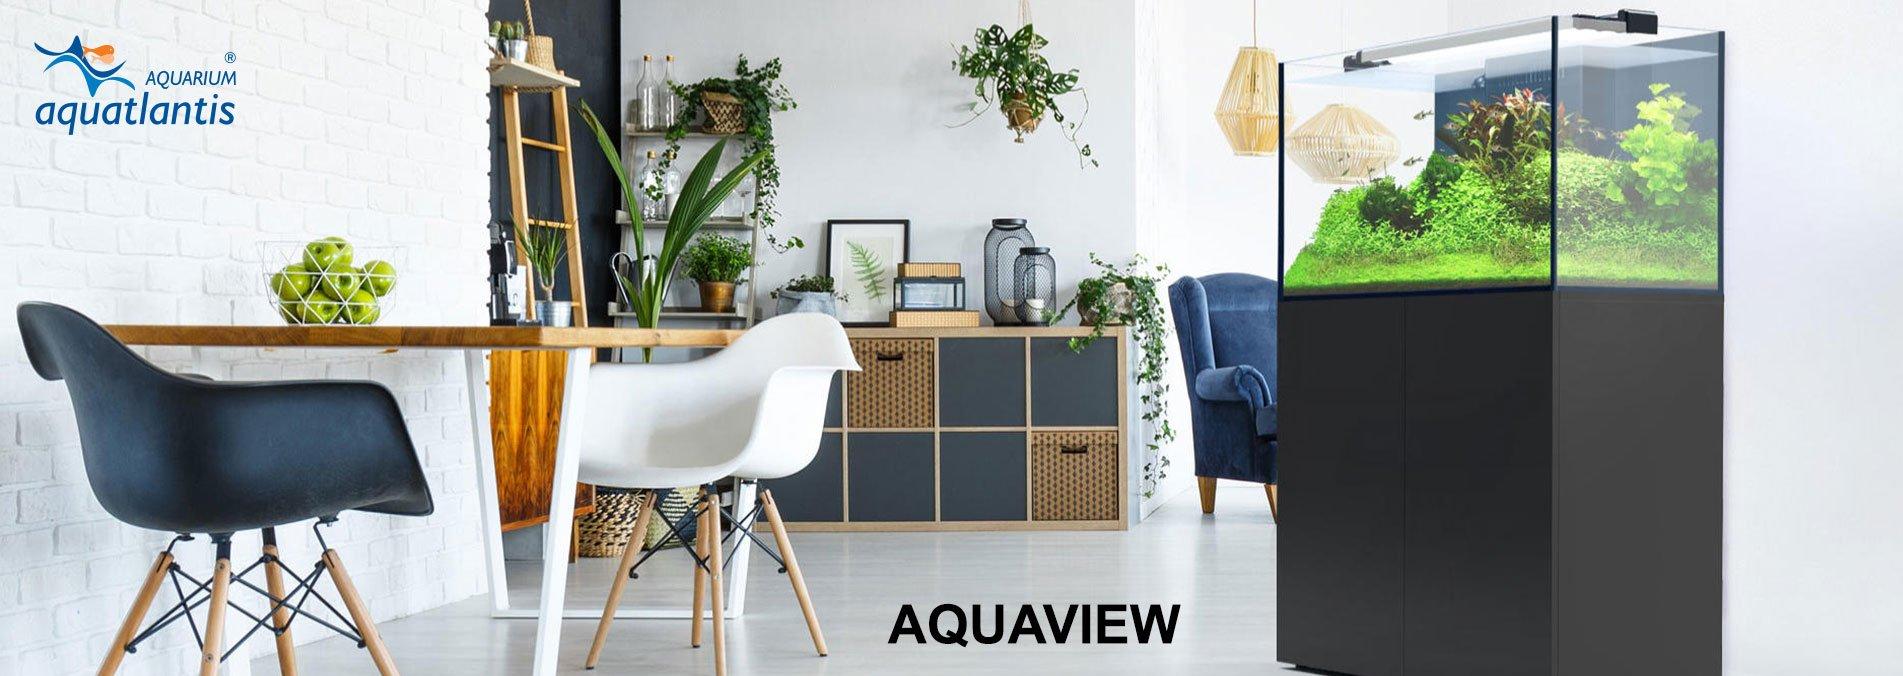 Aquatlantis Aquarium Online Shop, Bild 4